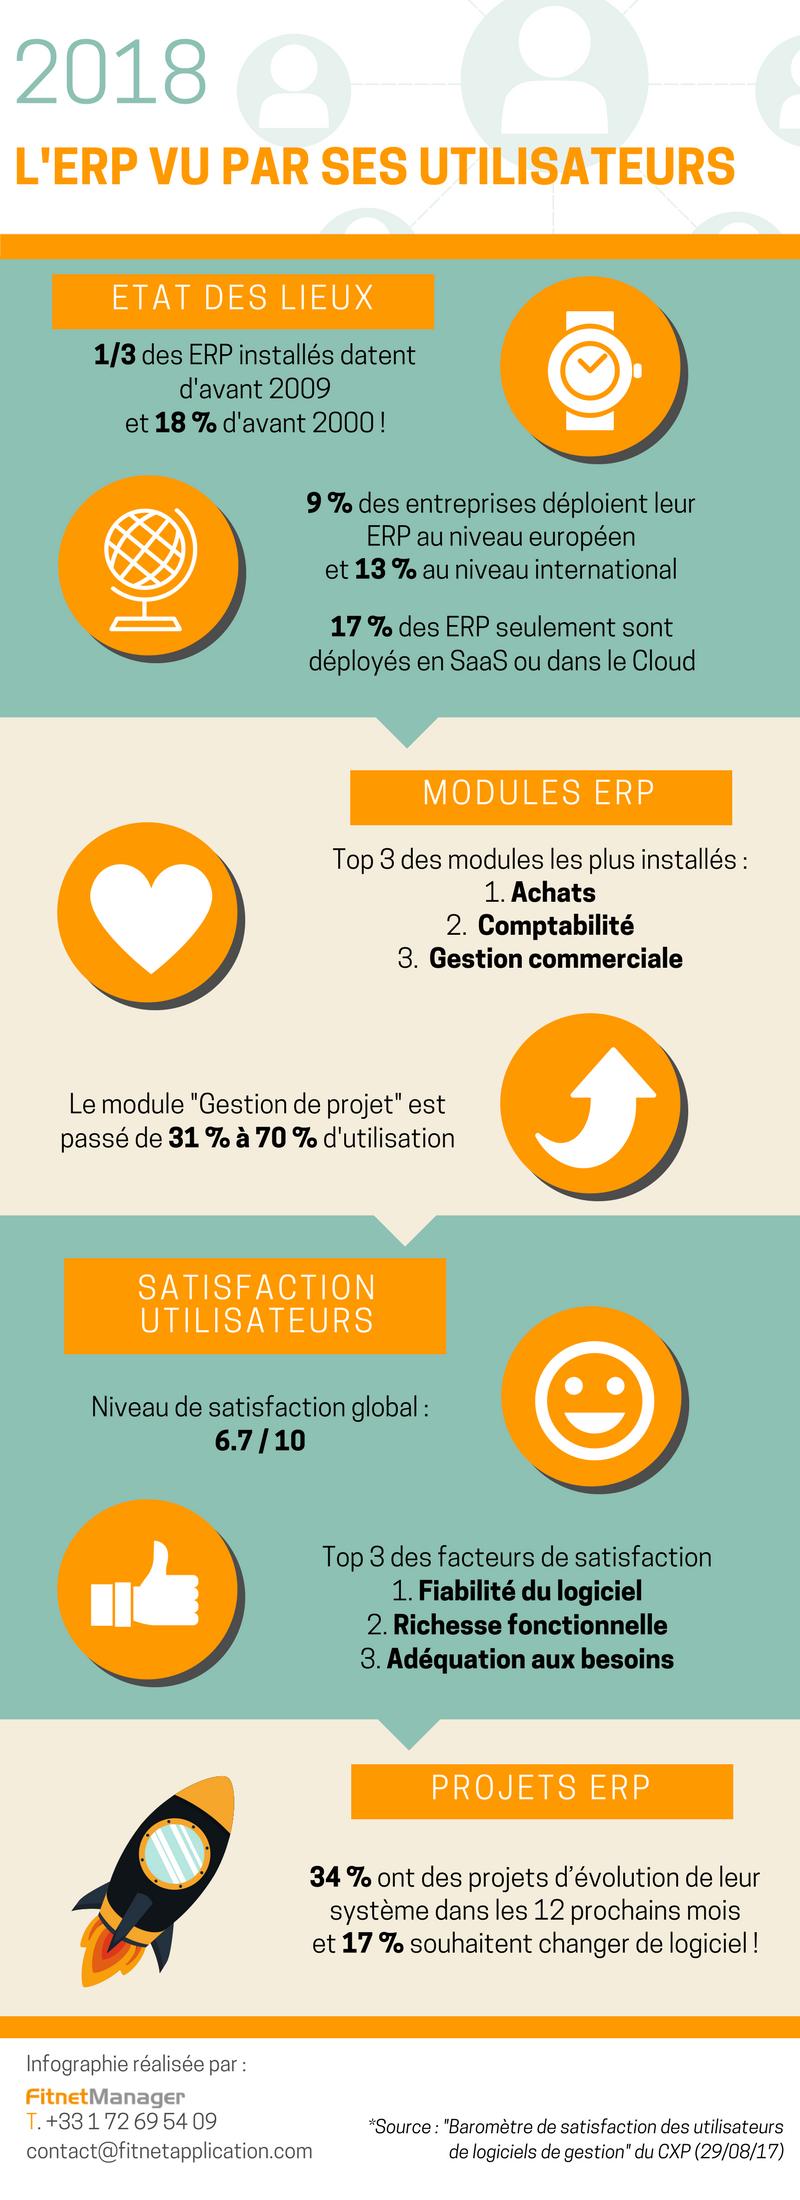 Infographie_2018_L'ERP vu par ses utilisateurs_©Fitnet Manager